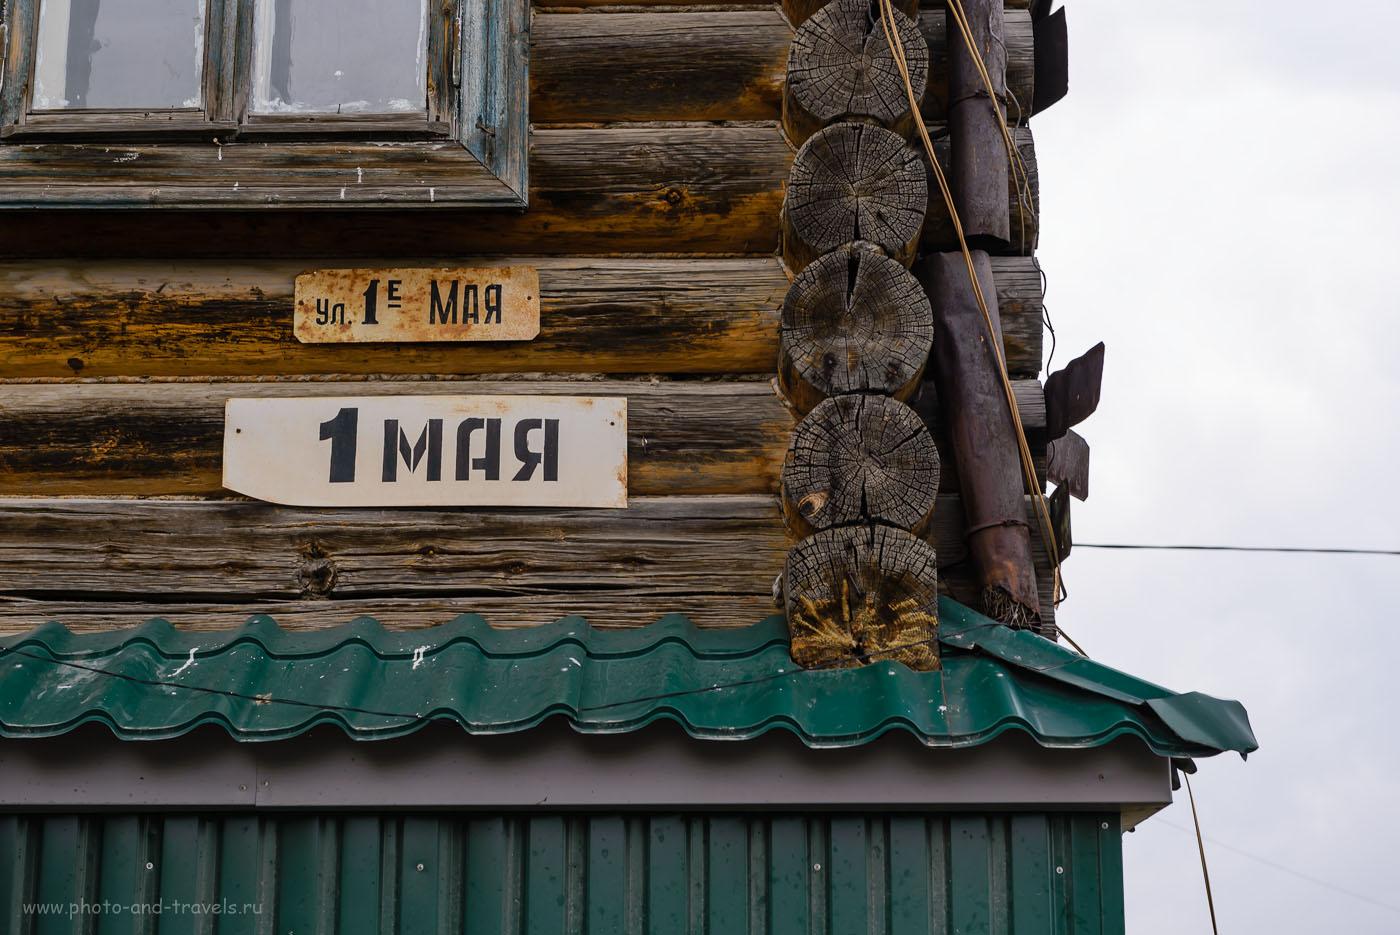 Фотография 9. Нравится мне фотографировать текстуры материалов. Особенно колоритно смотрится такое старое дерево. Село Мраморское и мраморный карьер. Походы выходного дня в окрестностях Екатеринбурга. 1/40, -1.33, 8.0, 110, 70.